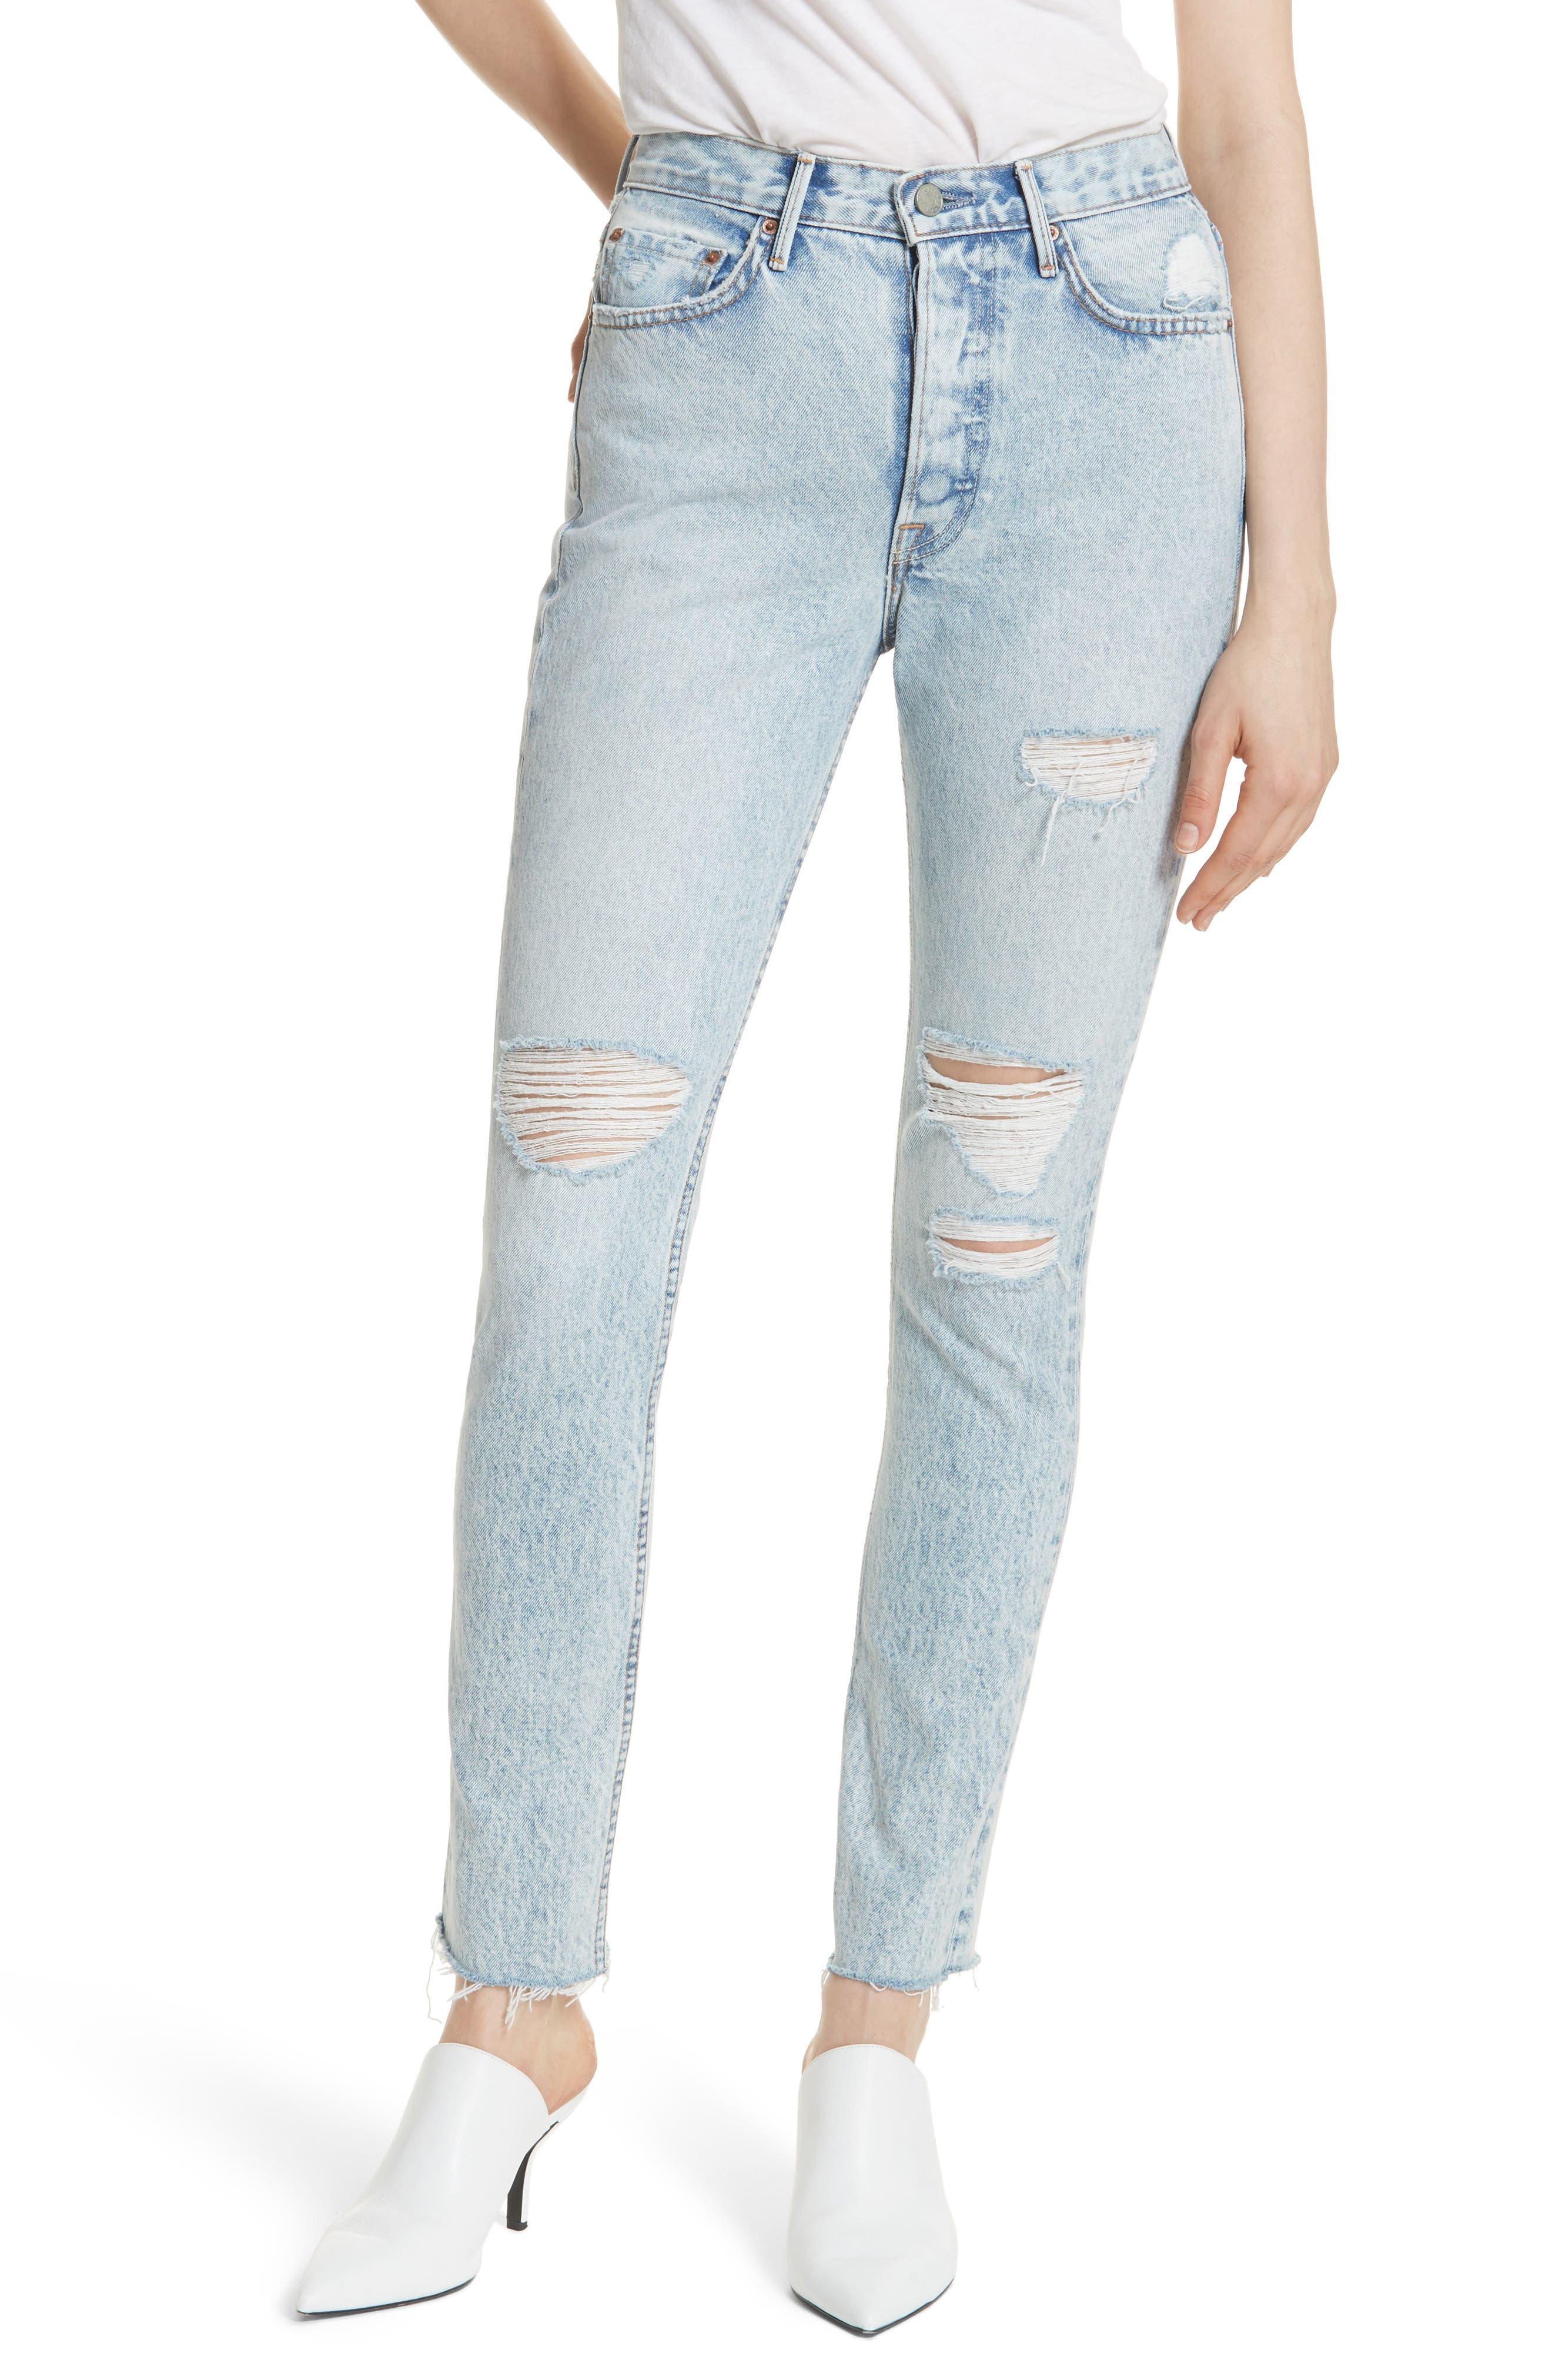 Karolina Ripped Skinny Jeans,                             Main thumbnail 1, color,                             487